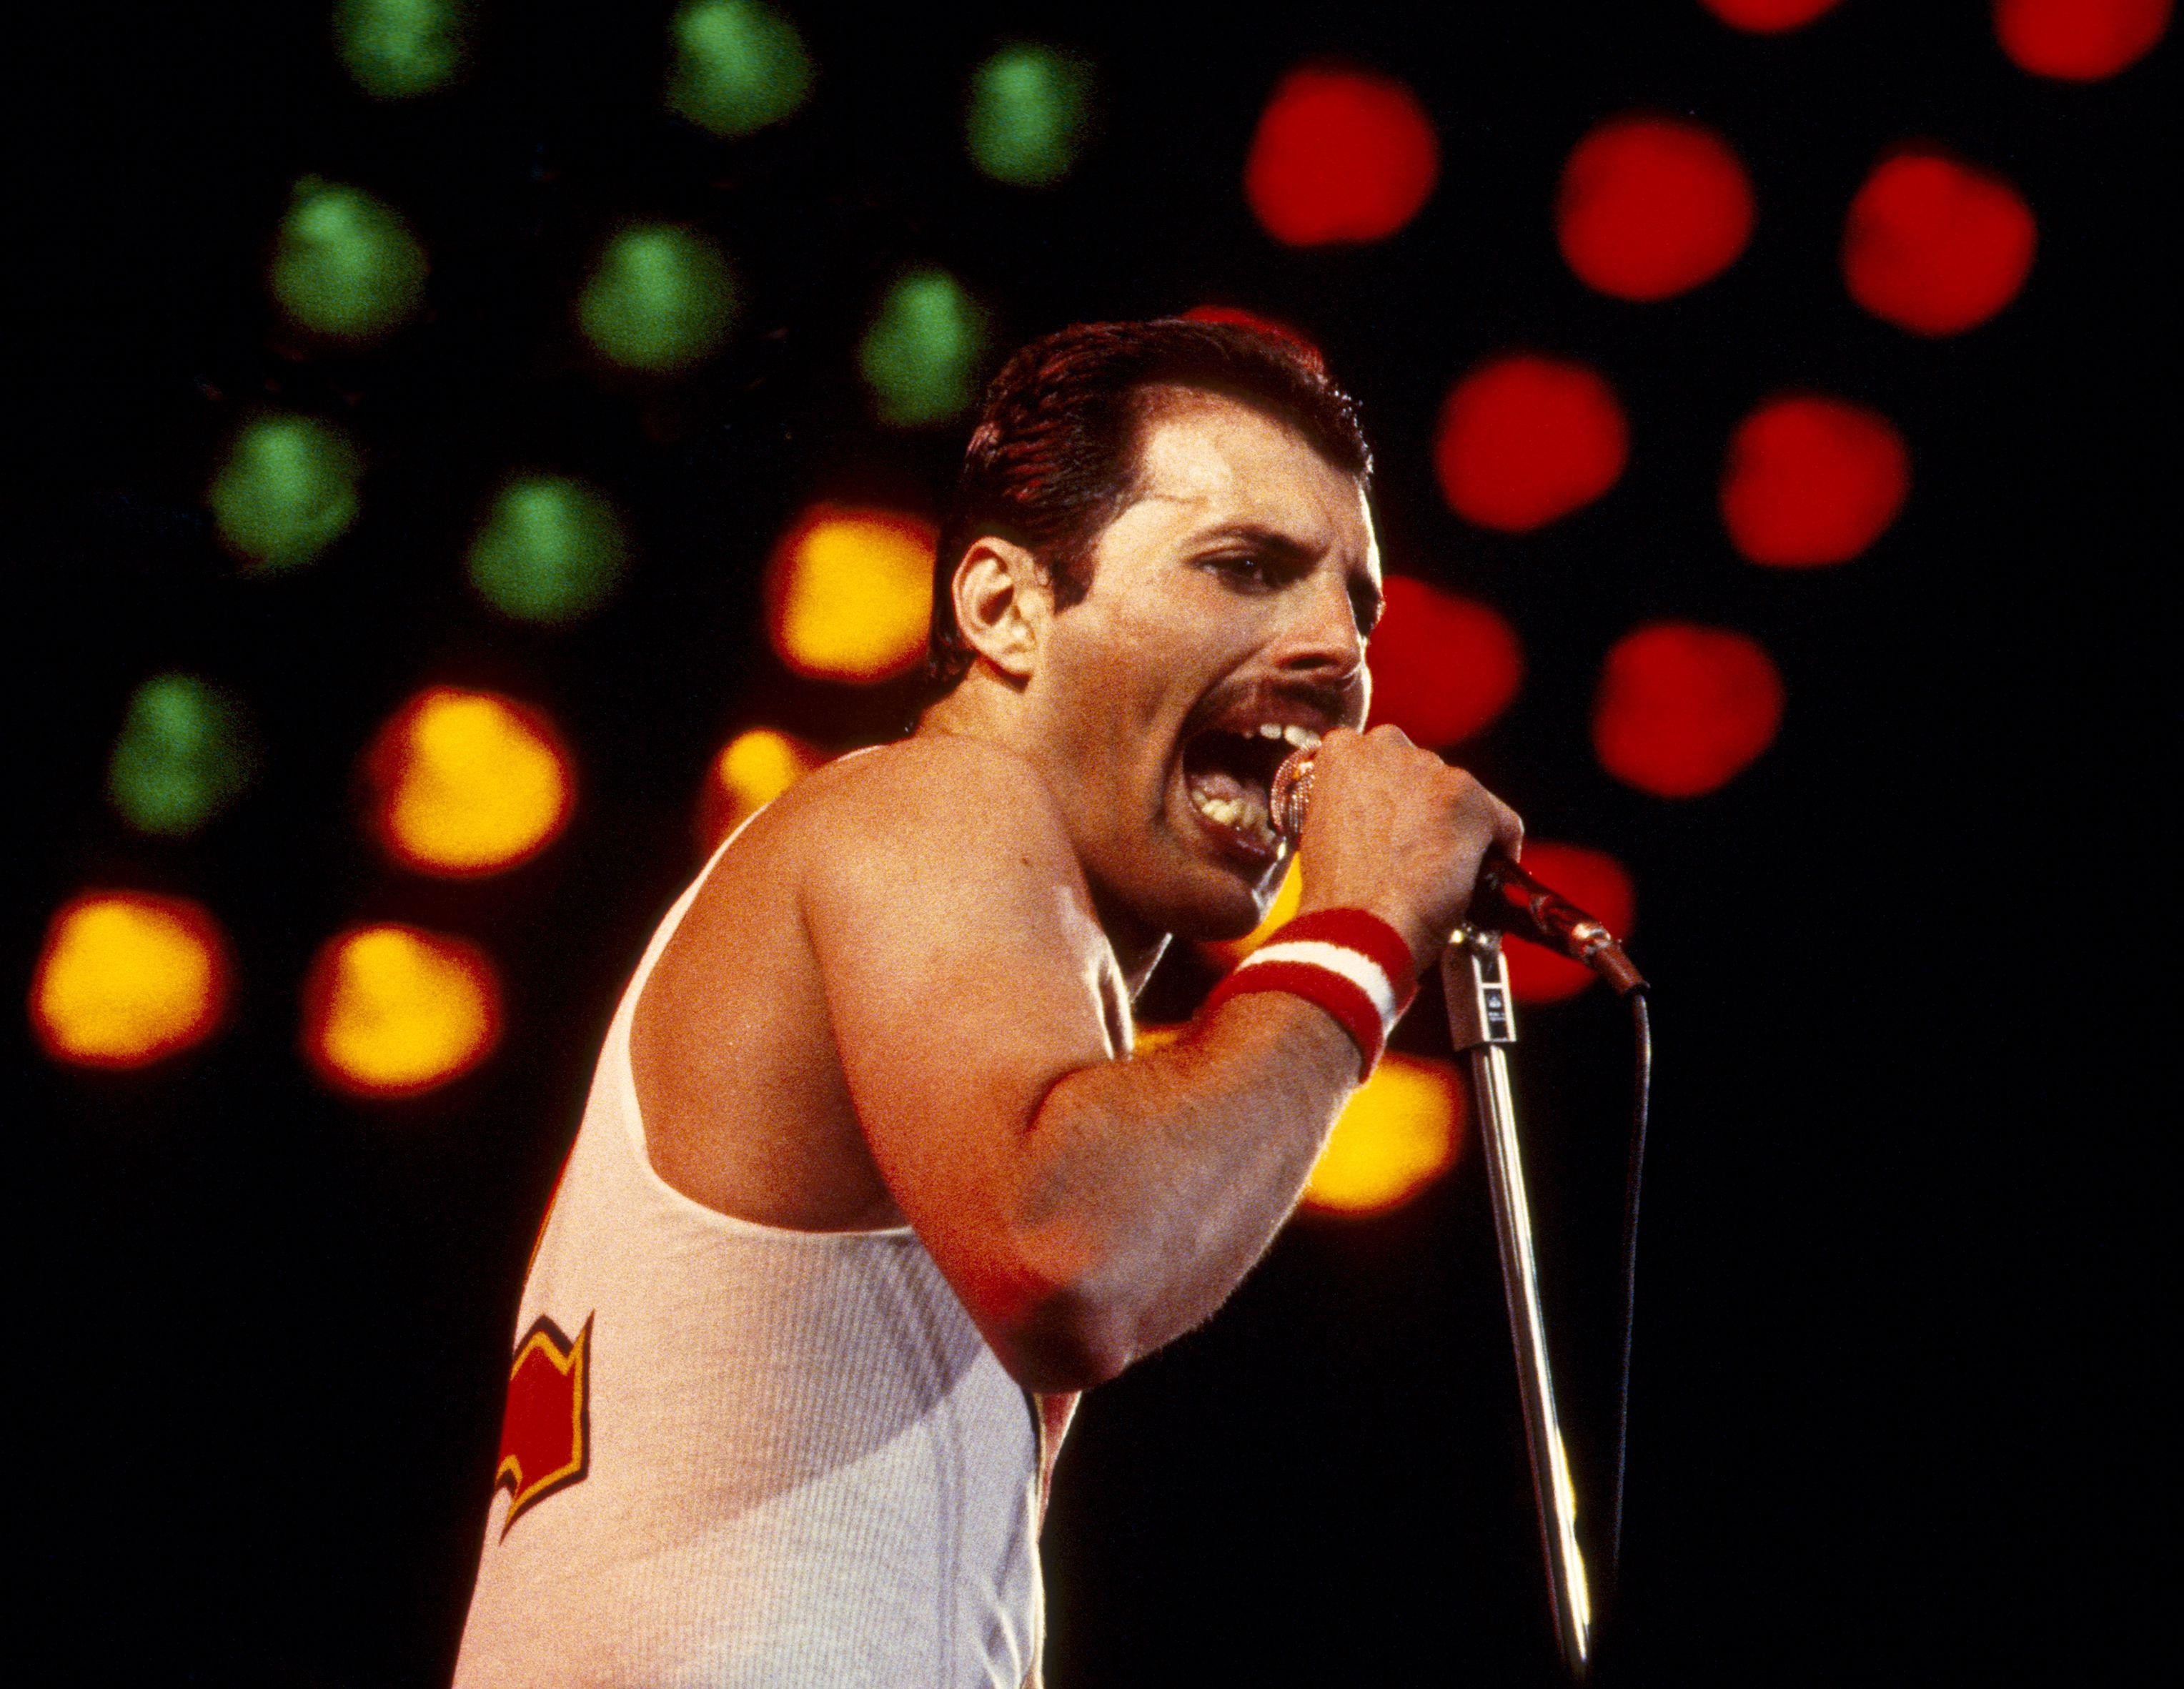 Este domingo se cumplieron 28 años desde la muerte de Freddie Mercury ( Graham Wiltshire/Shutterstock)